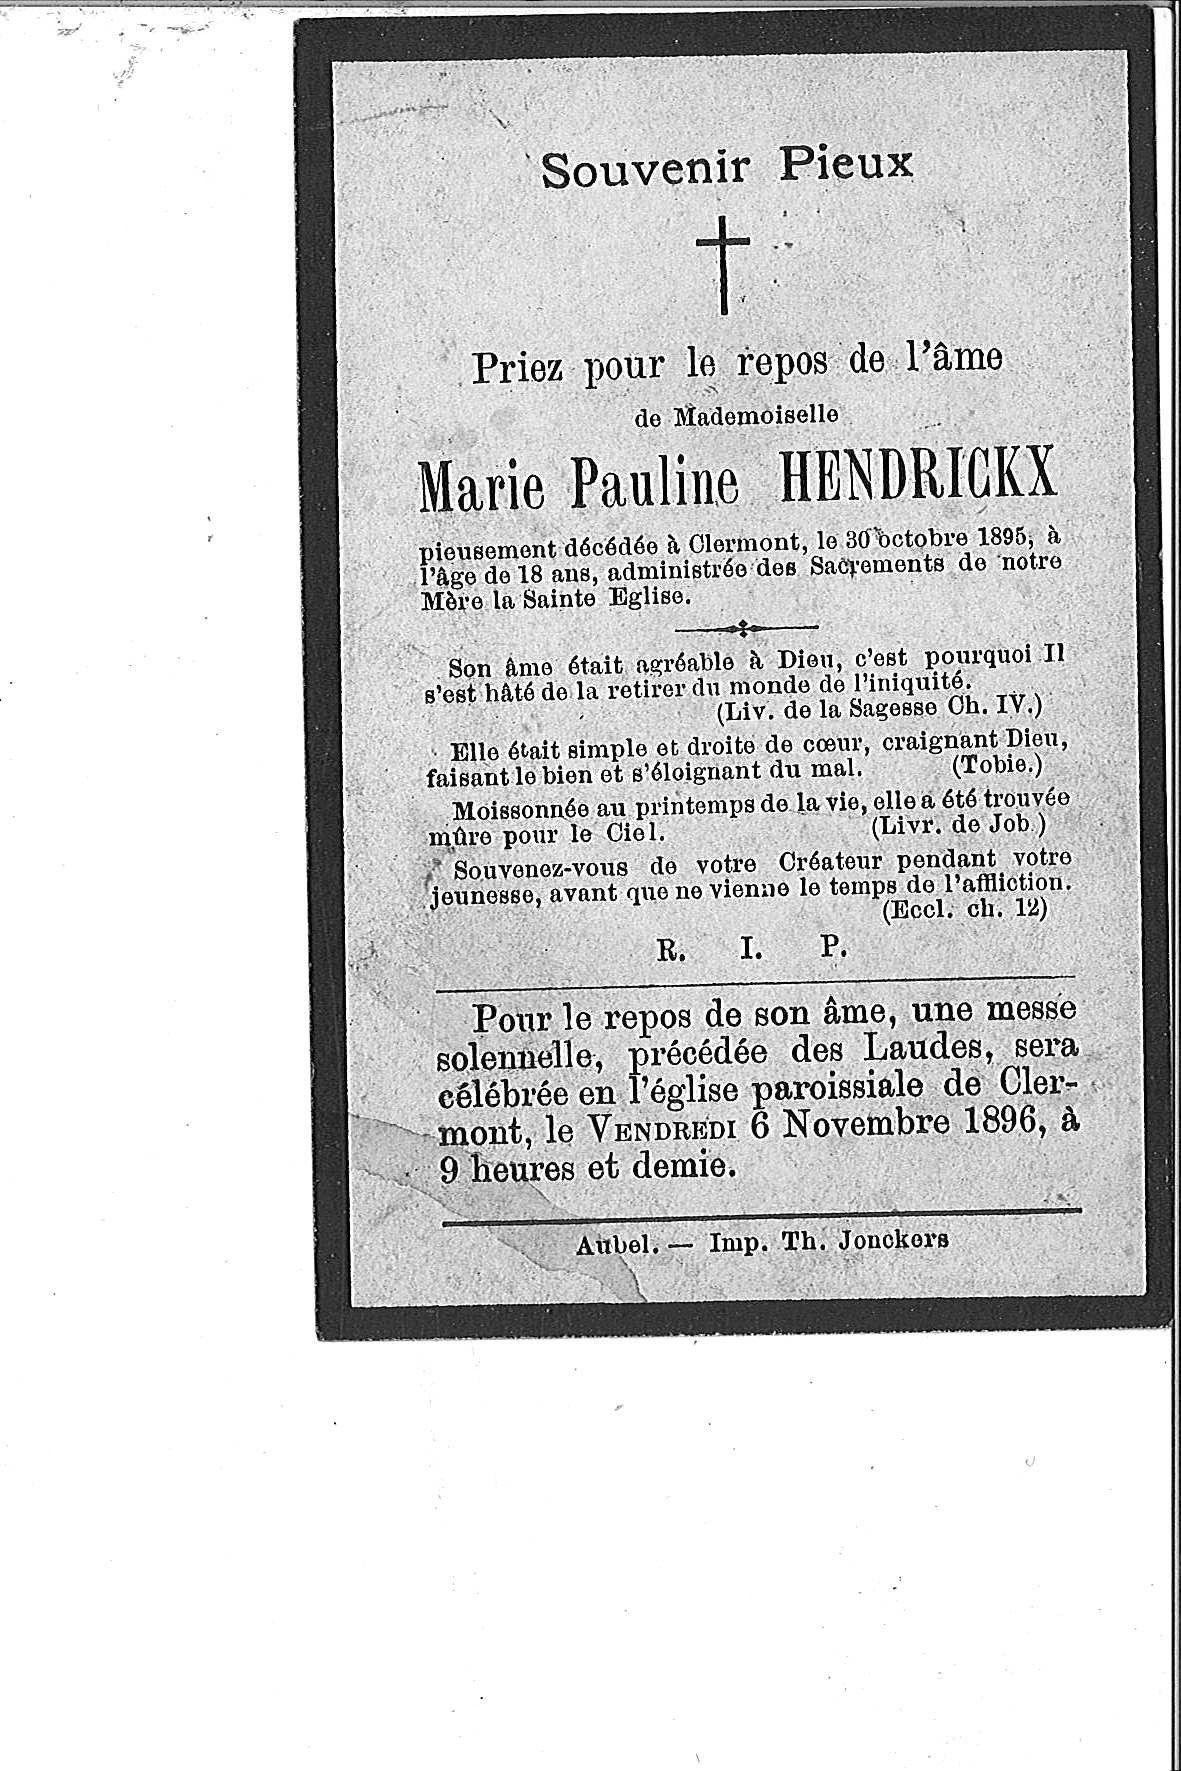 Marie Pauline(1895)20141030154948_00034.jpg